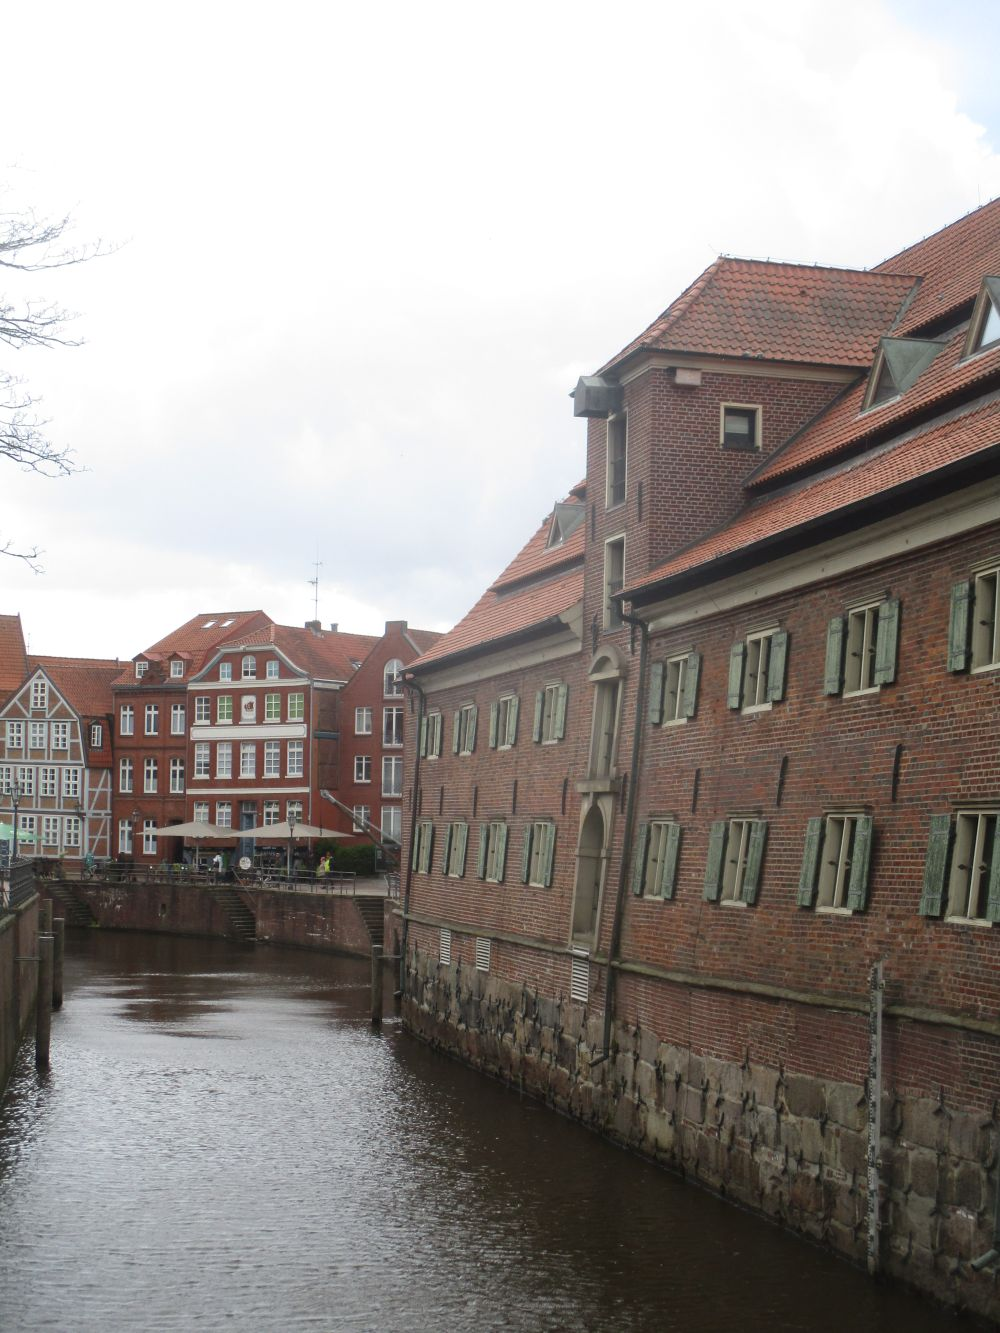 Das Schwedenspeichermuseum in Stade vom Hafenbecken aus gesehen. Das alte Speichergebäude steht direkt am Hafenbecken.